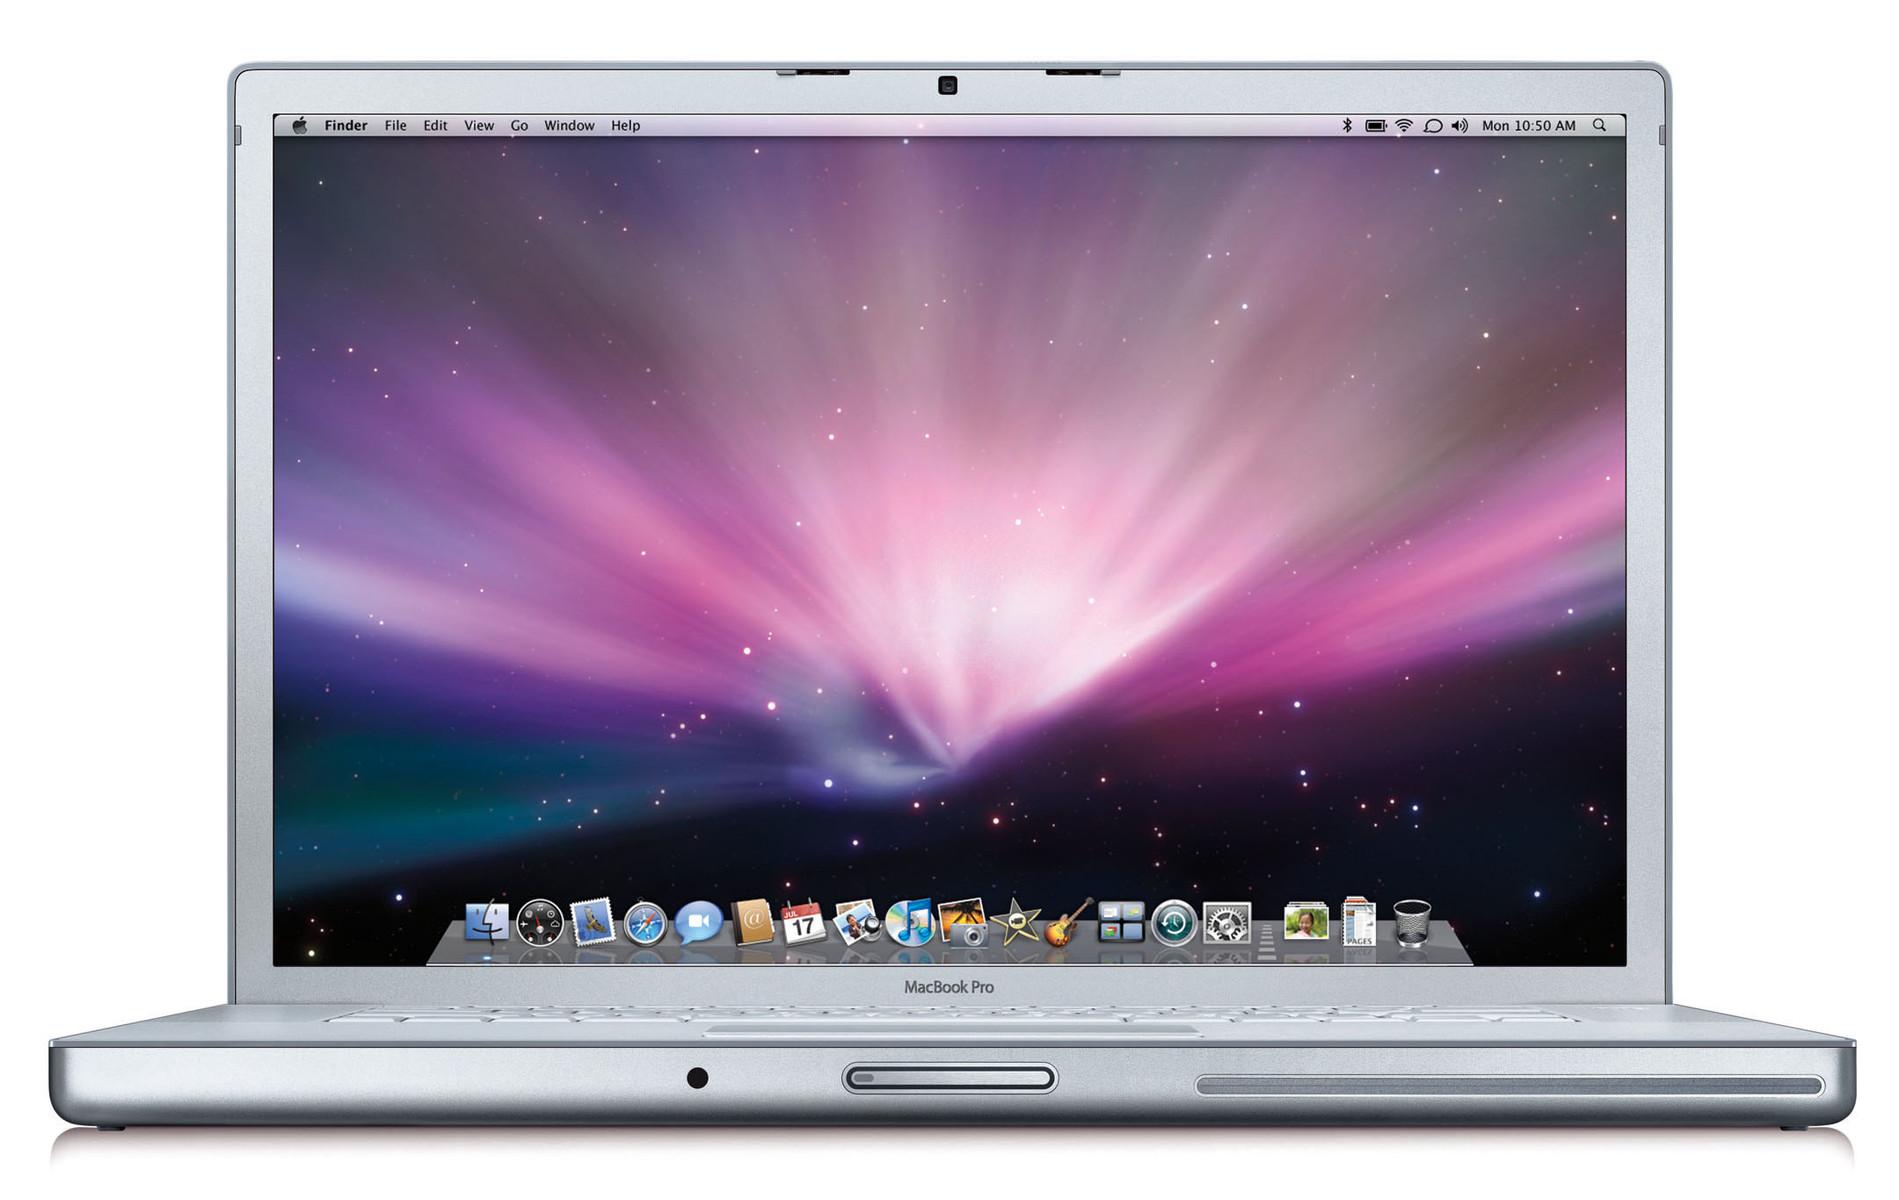 review apple macbook pro 15 v4 1 2 5 ghz penryn. Black Bedroom Furniture Sets. Home Design Ideas